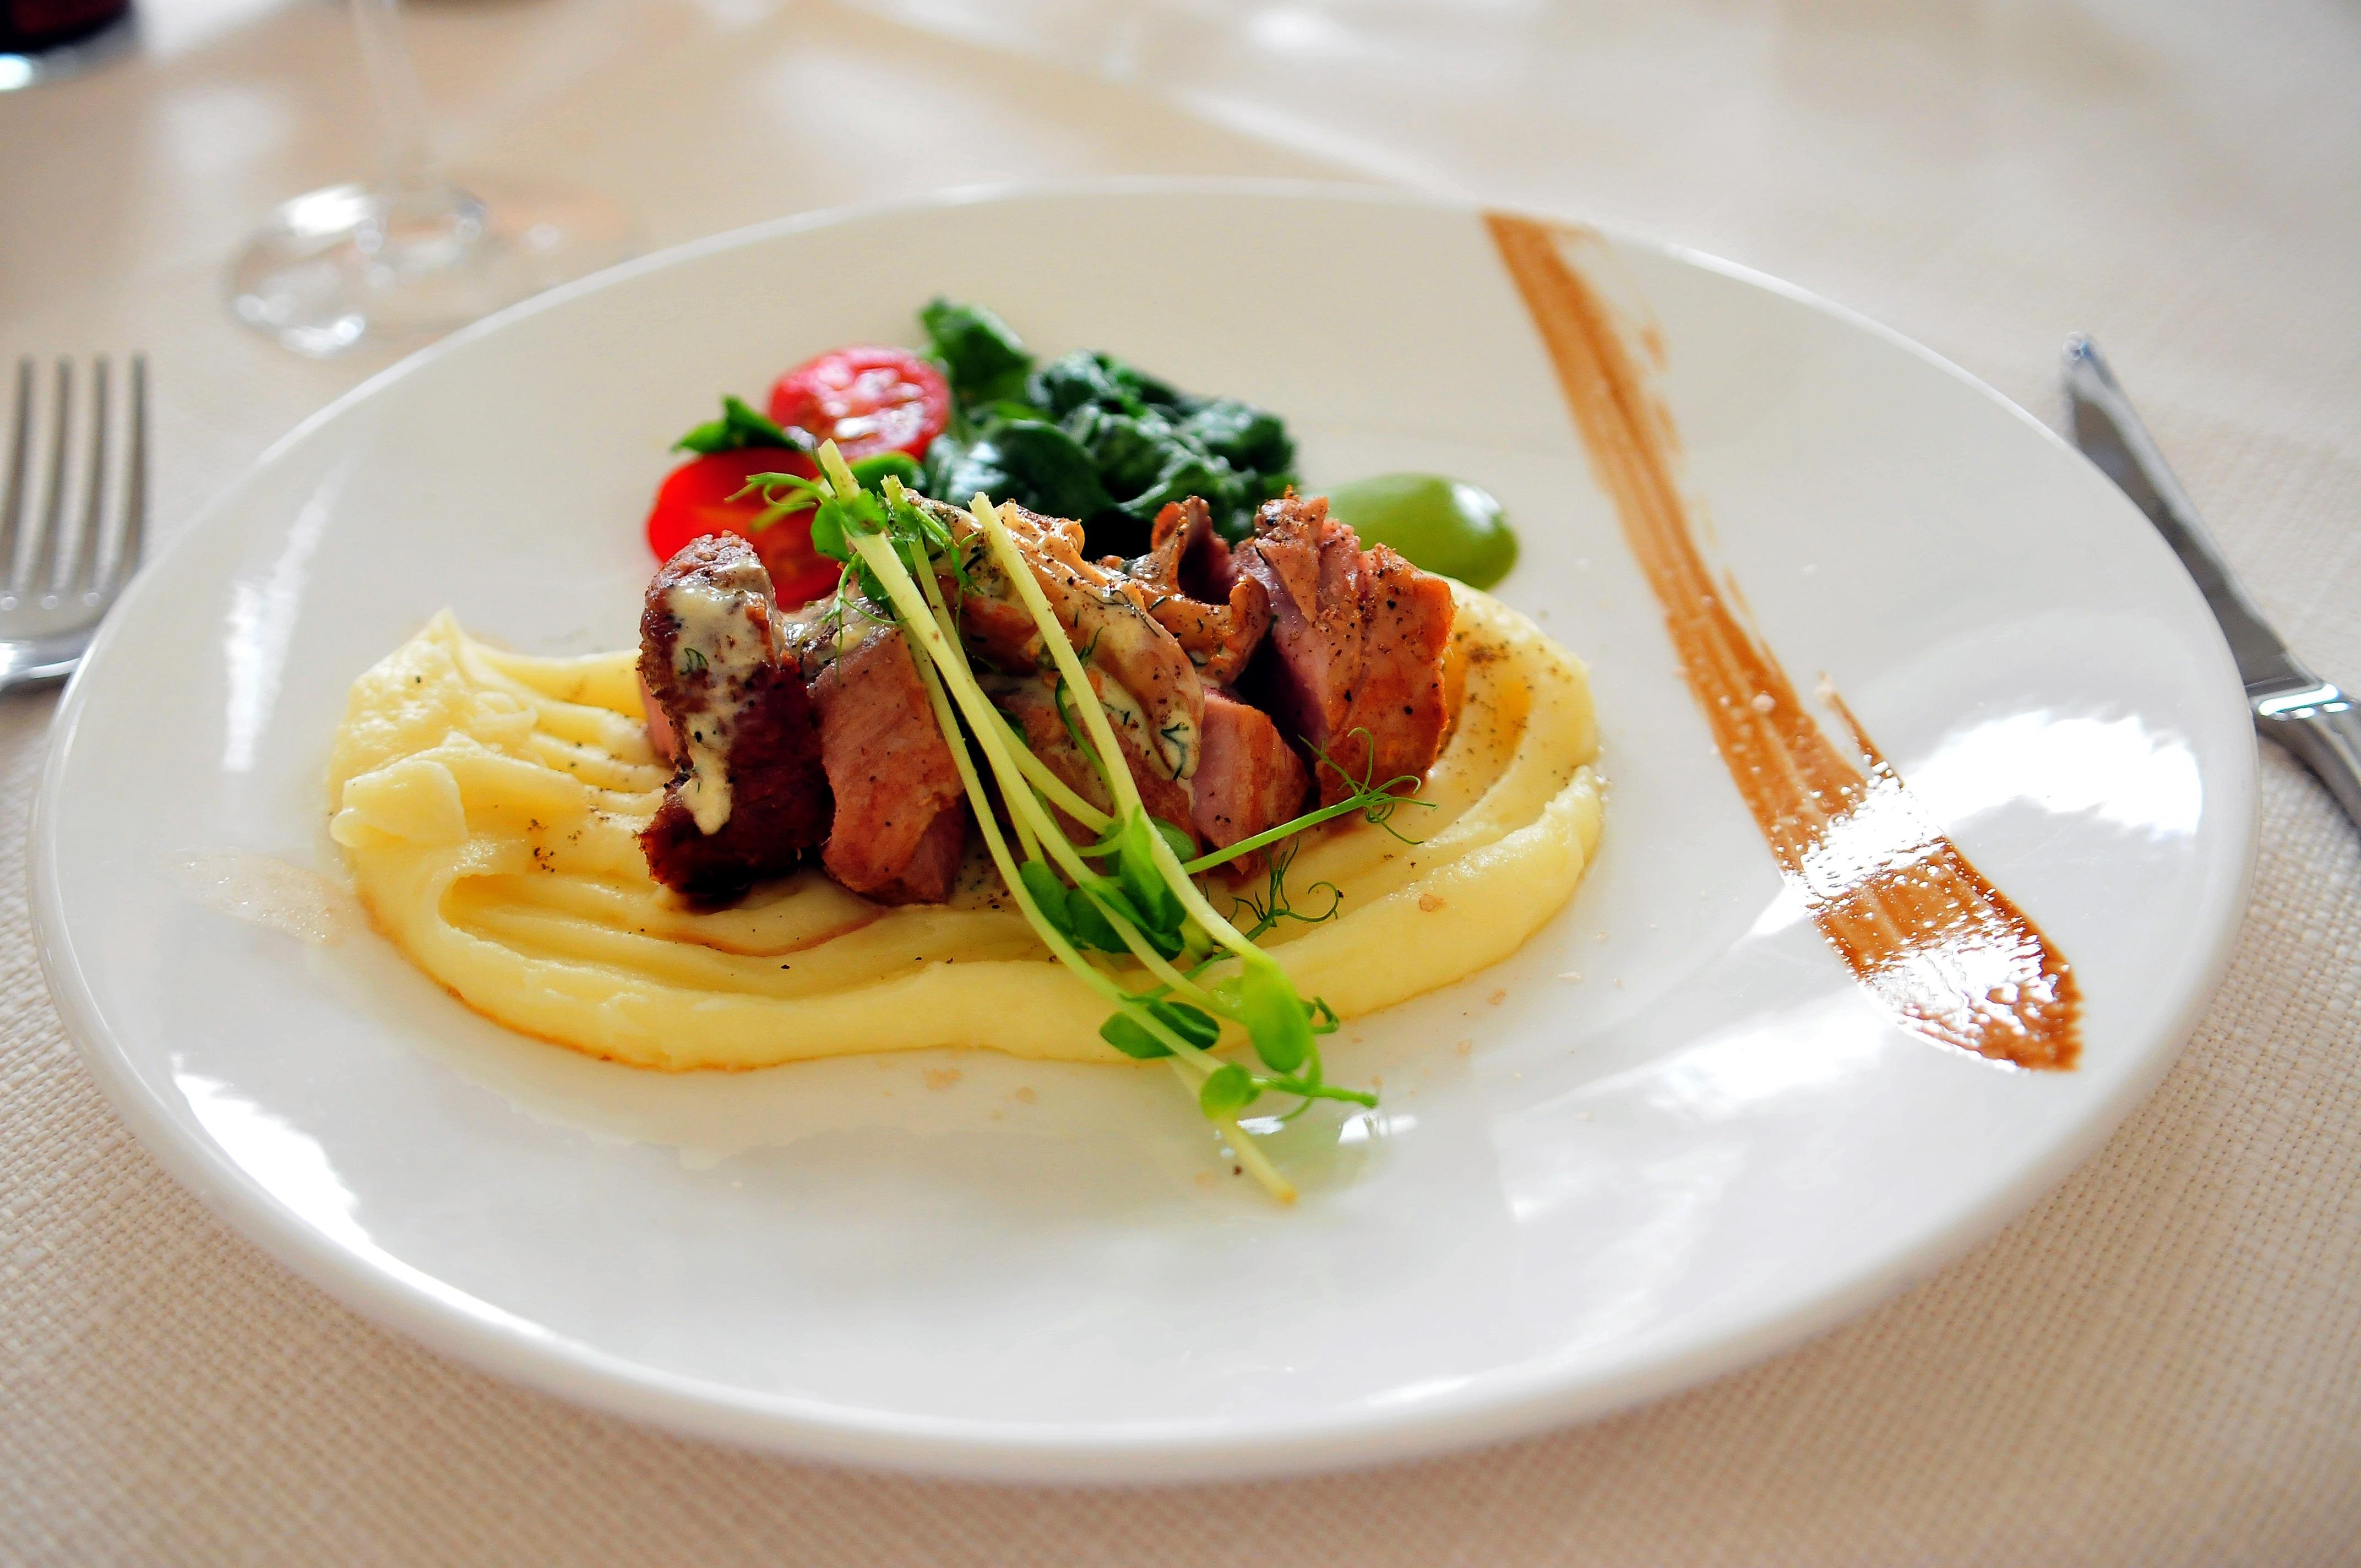 вниманию ресторанное меню фото блюд и рецептами чтобы такое покрытие